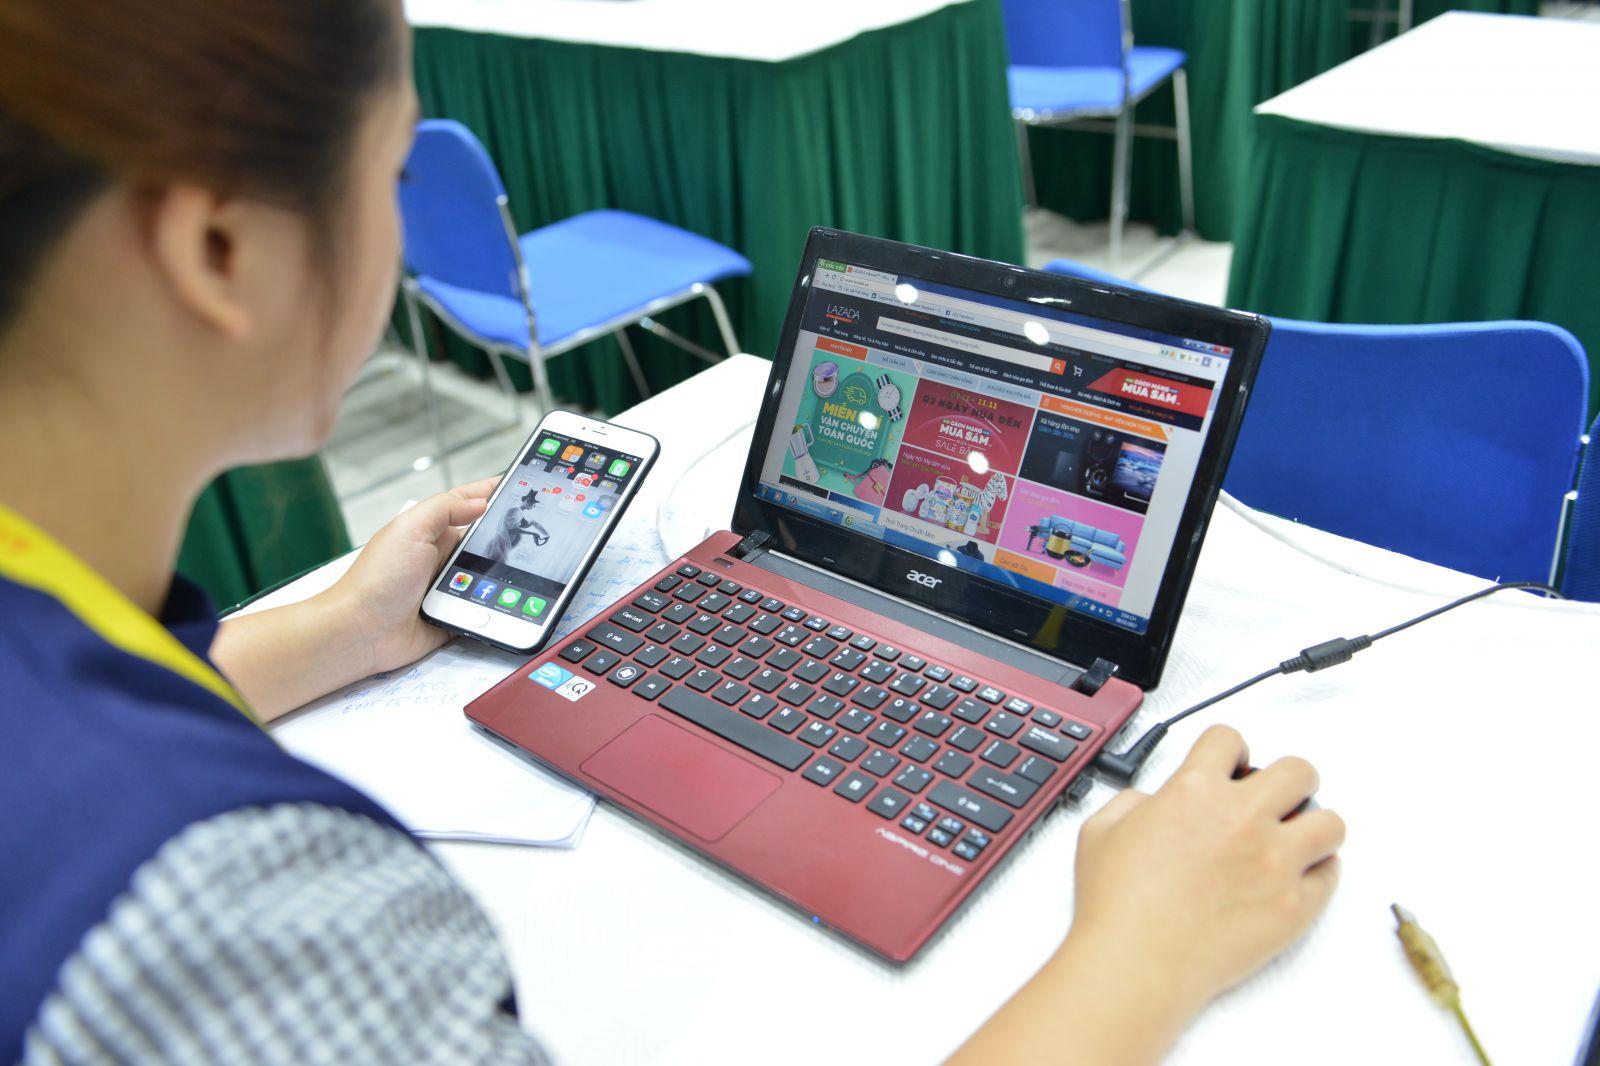 Hàng công nghệ hút hàng ngày mua sắm online 11/11, tín hiệu tốt cho thị trường mùa cuối năm - Ảnh 3.